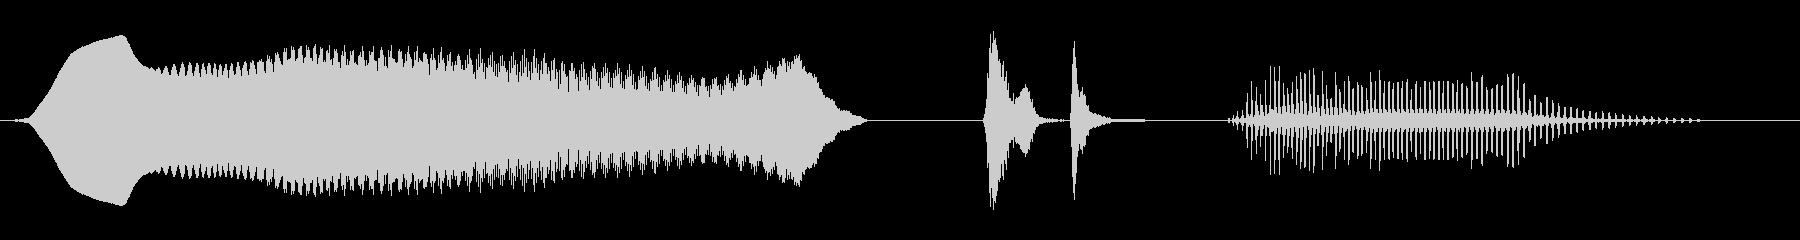 キュワワ・ポコッ(2種類)の未再生の波形